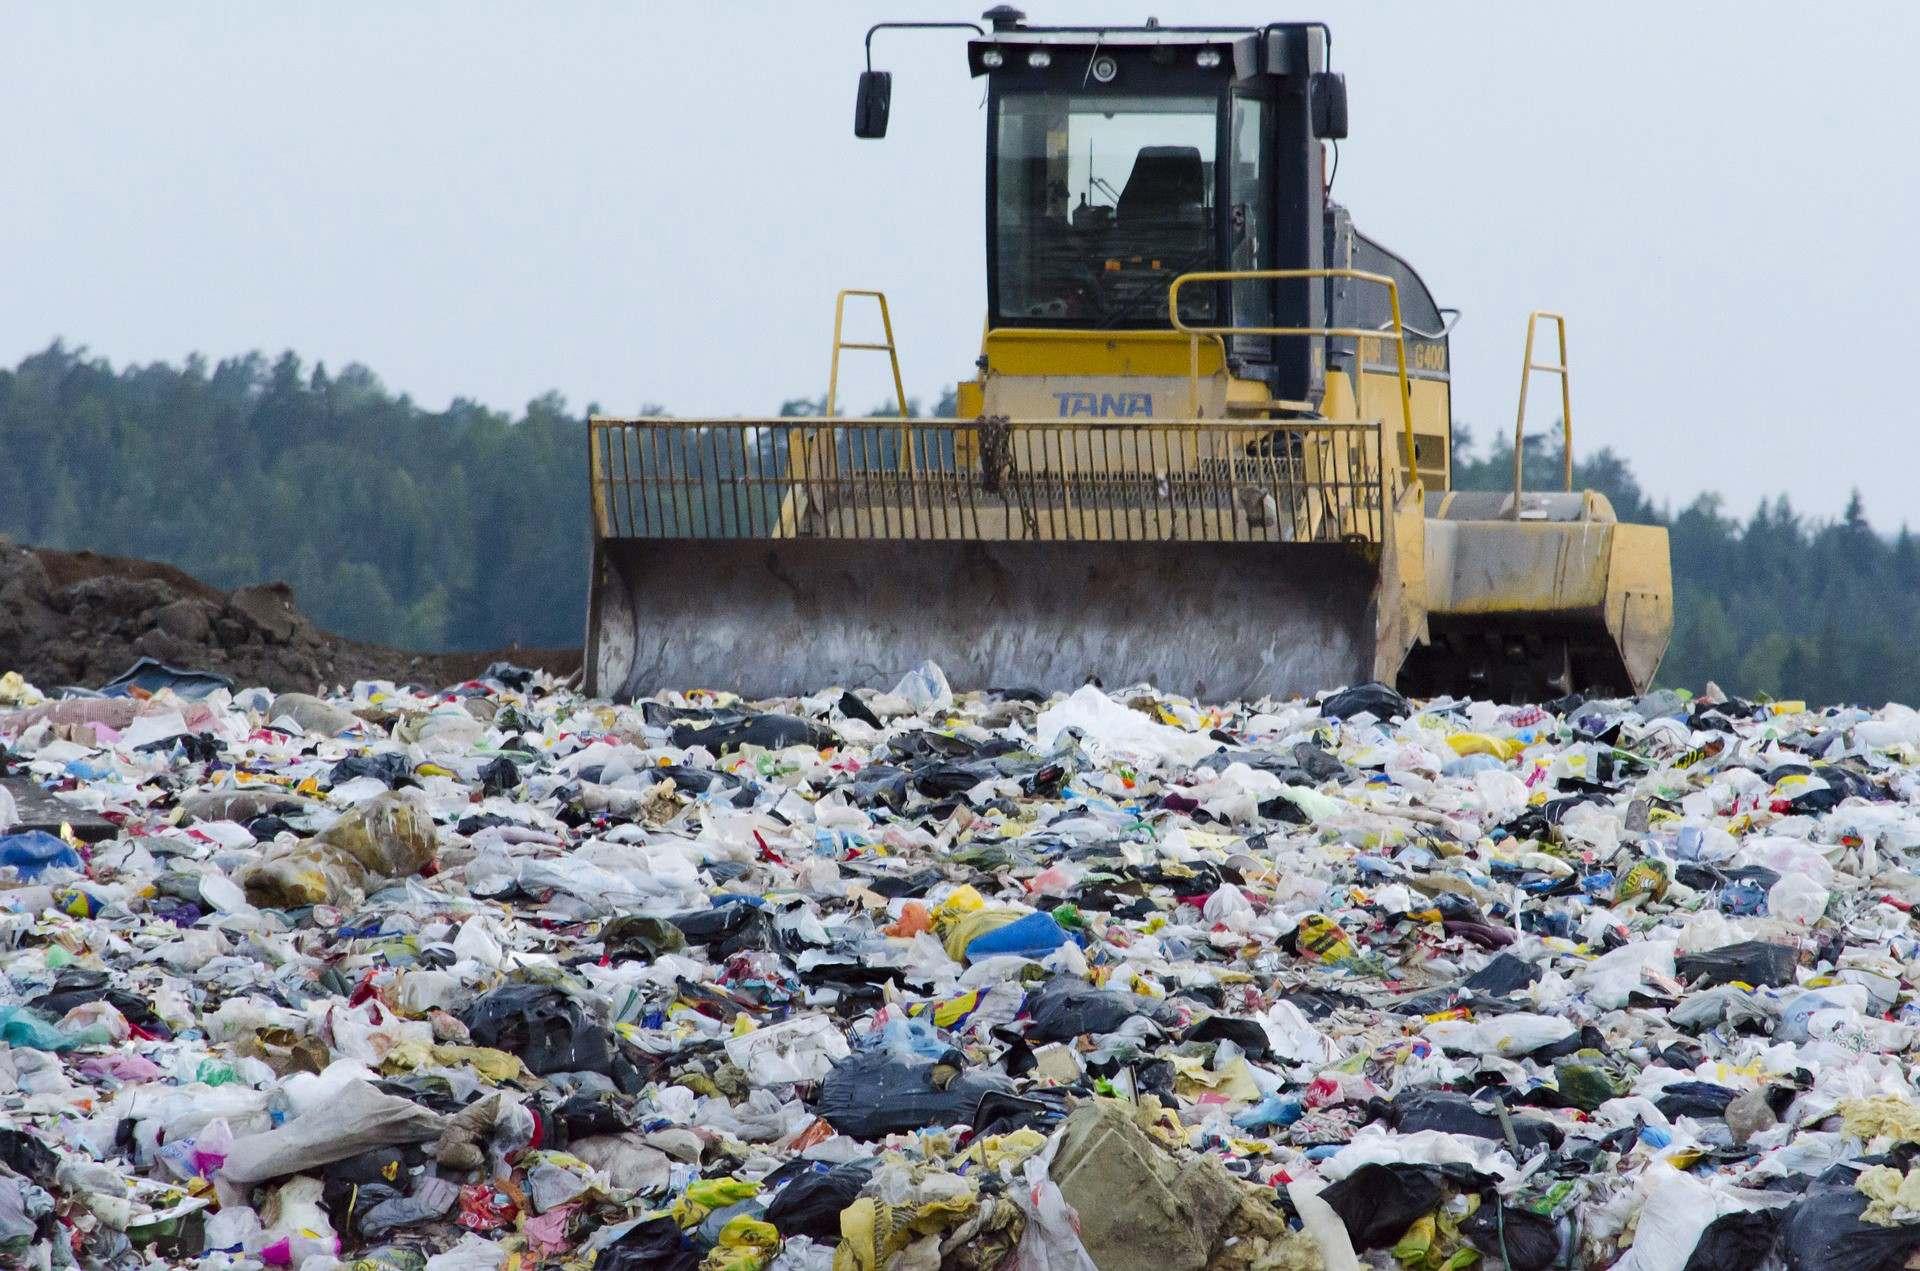 o que é lixo de exemplos, o que é lixo orgânico, o que é lixo wikipedia, quais os tipos de lixo, texto sobre o lixo, classificação do lixo, trabalho sobre o lixo, o lixo no brasil